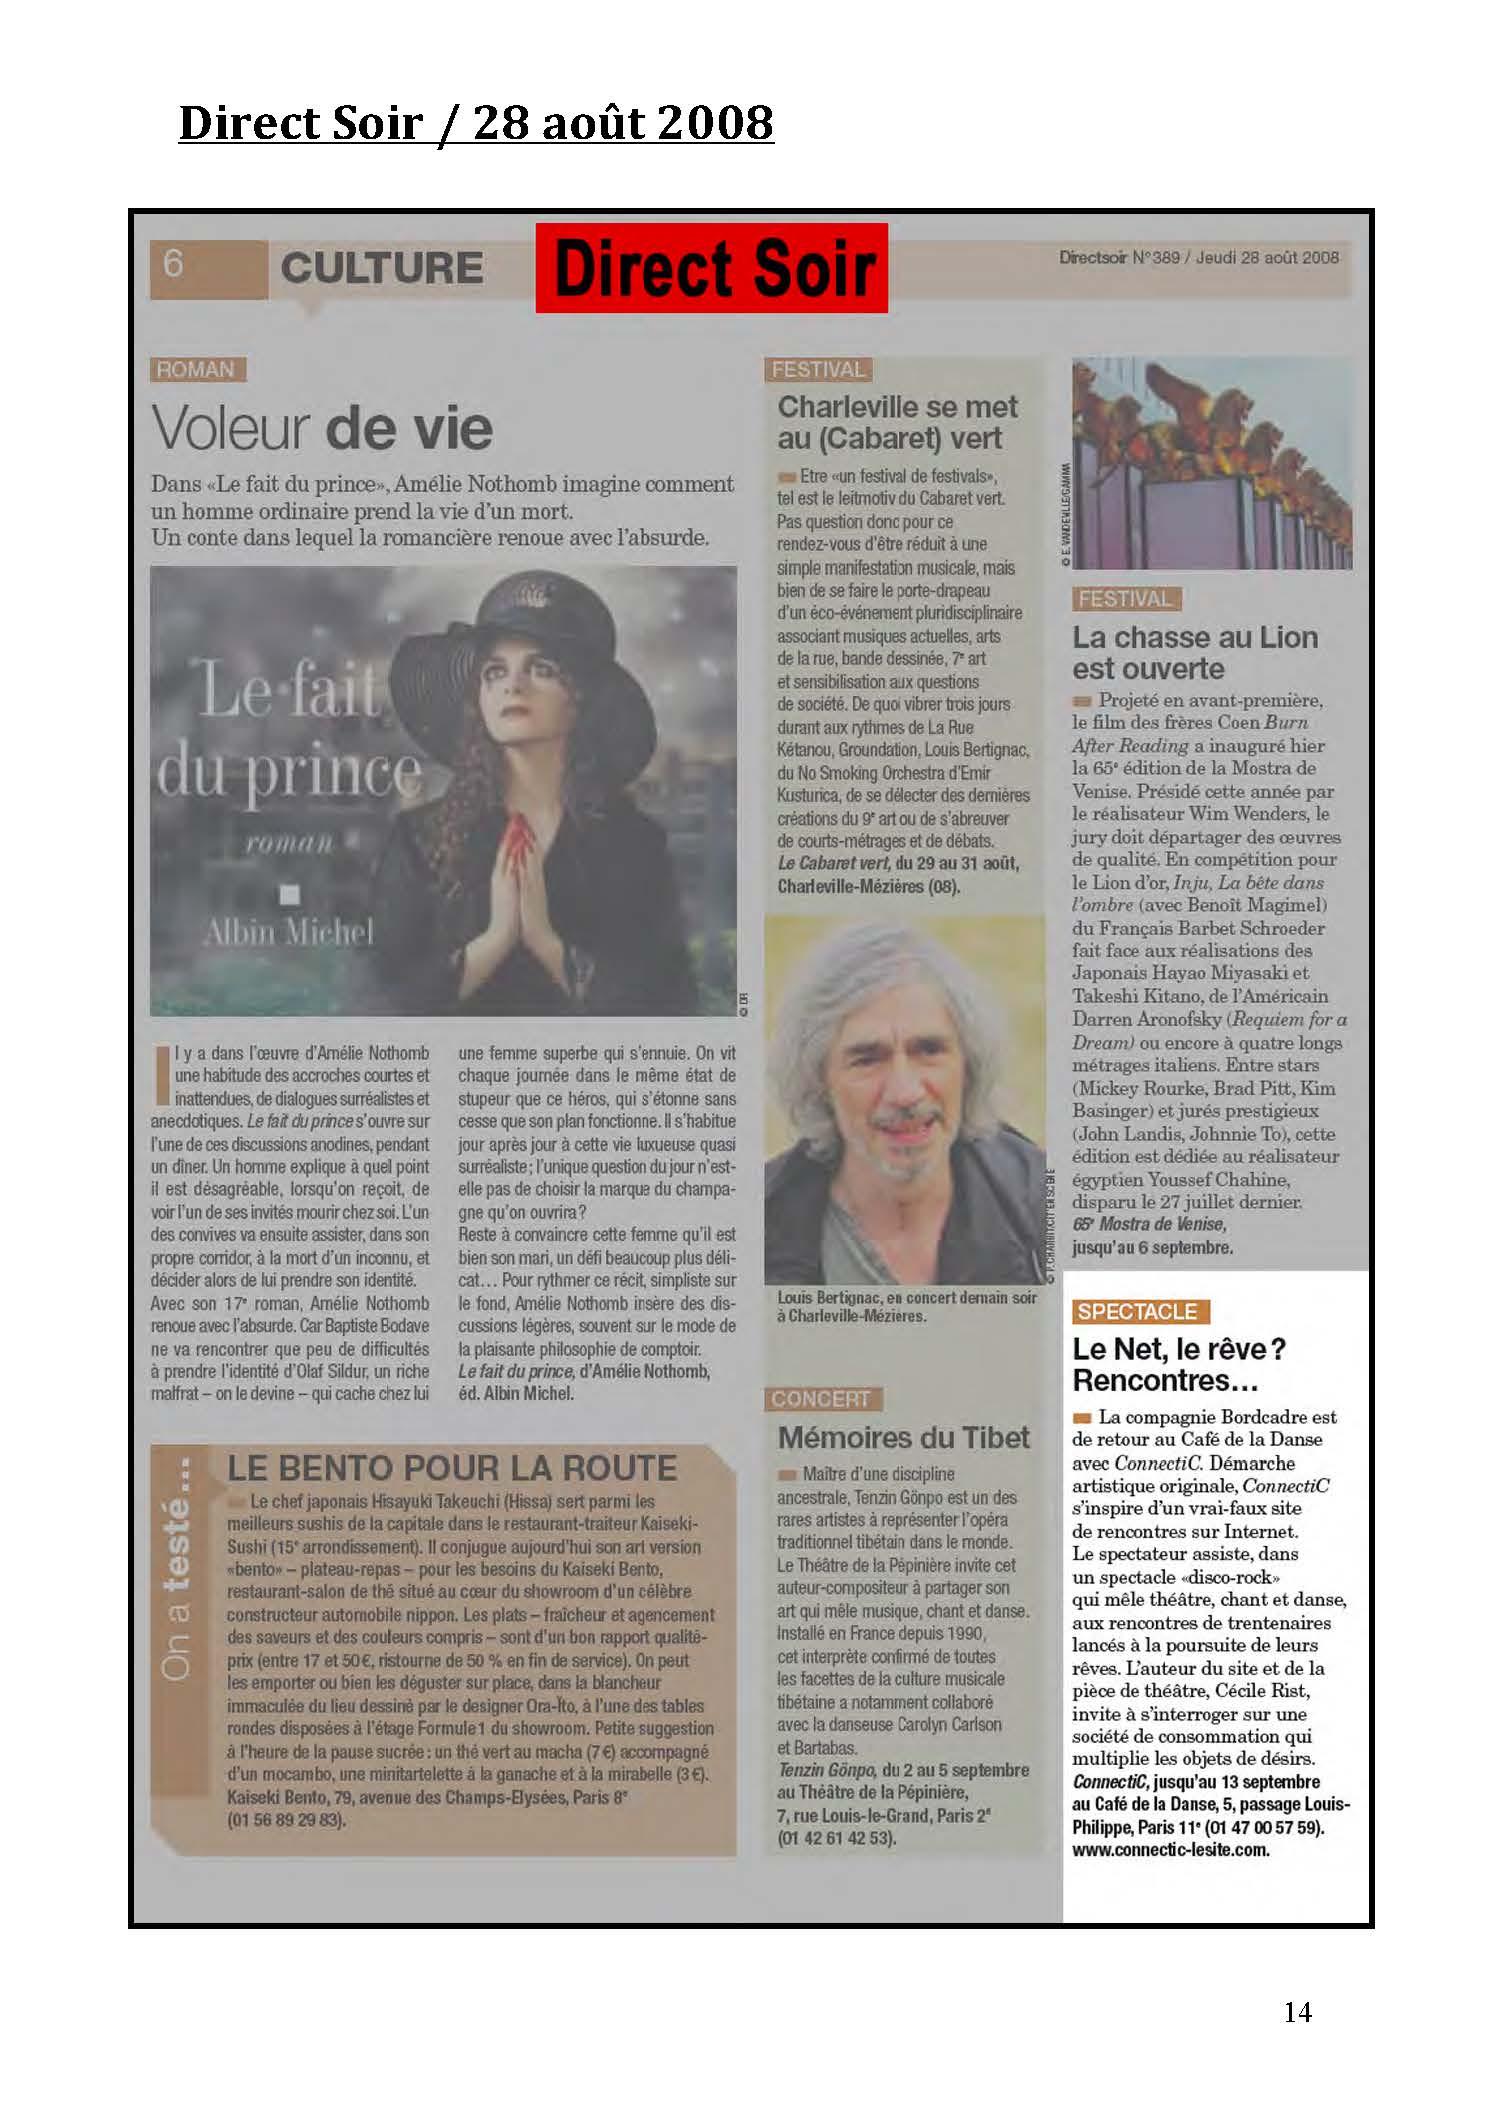 LA NUIT JUSTE AVANT LES FORÊTS - Revue de presse de BordCadre & Cécile Rist_Page_10